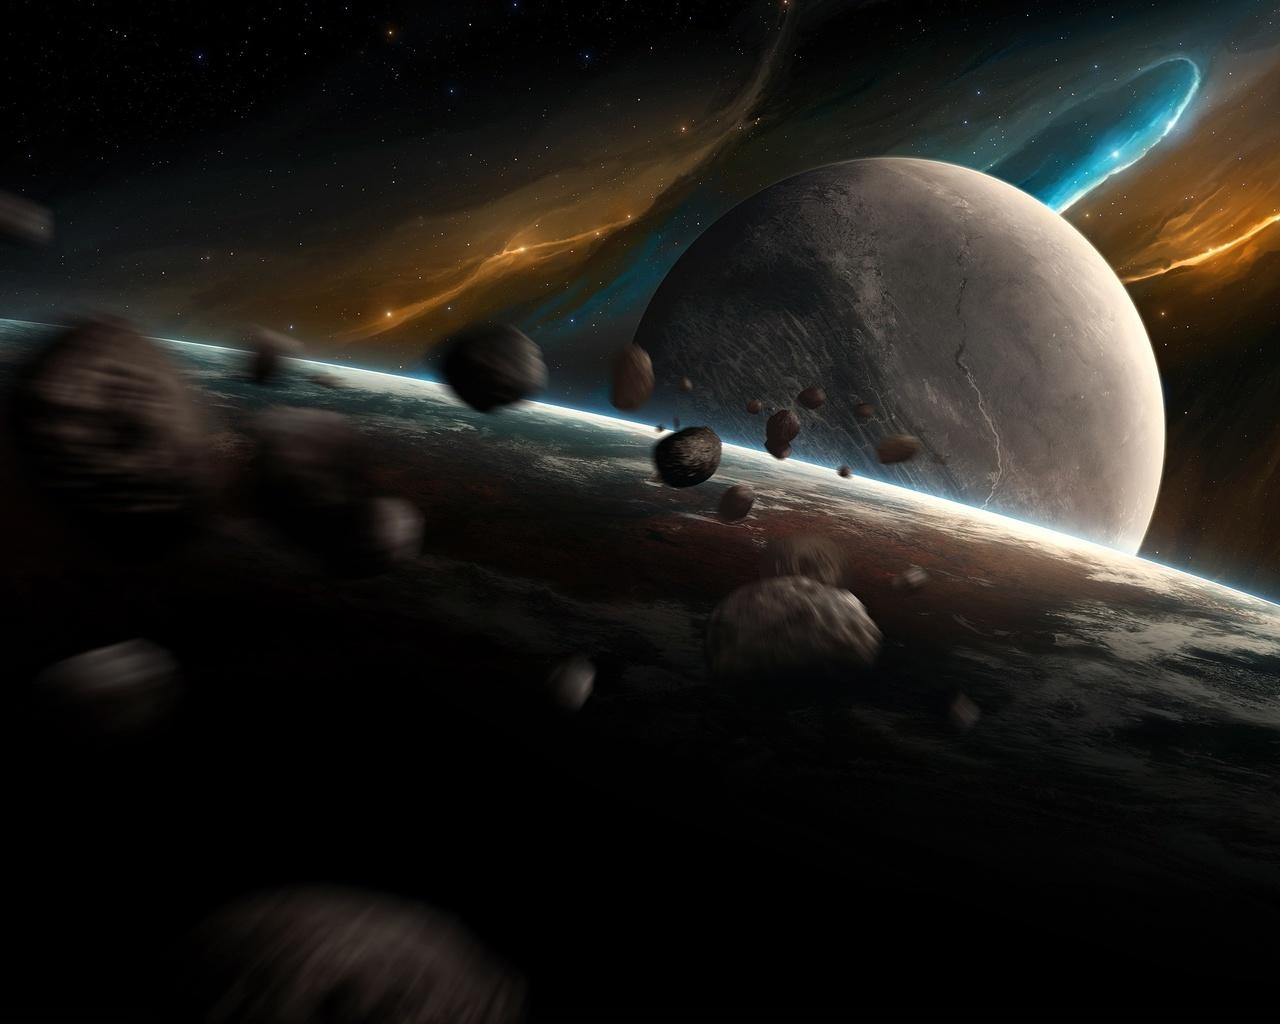 обои арт, планеты, астероиды, space, planet, nebula